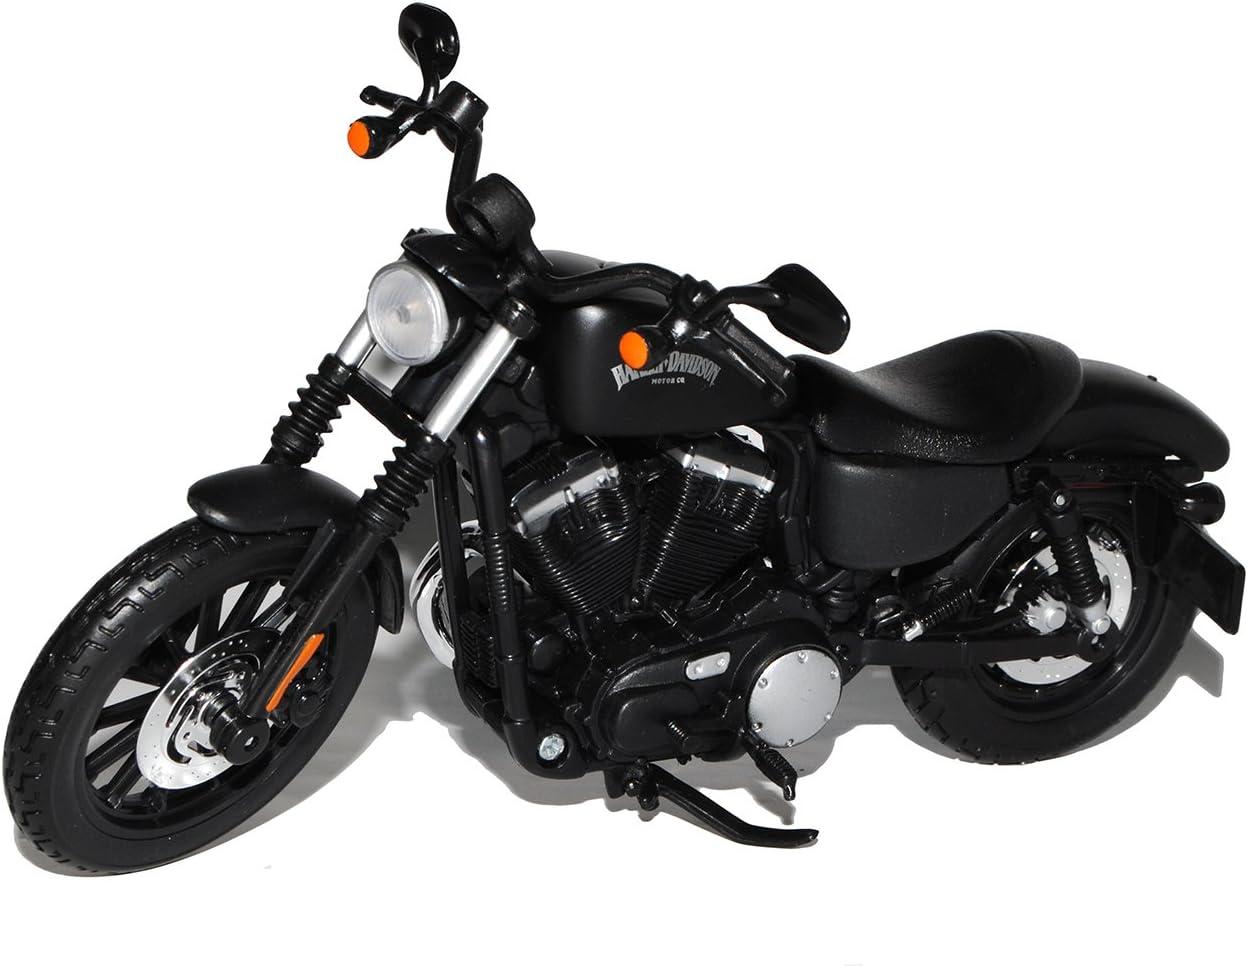 Maisto Harley Davidson Sportster Iron 883 Schwarz 2014 1//12 Motocicleta mit oder ohne individiuellem Wunschkennzeichen